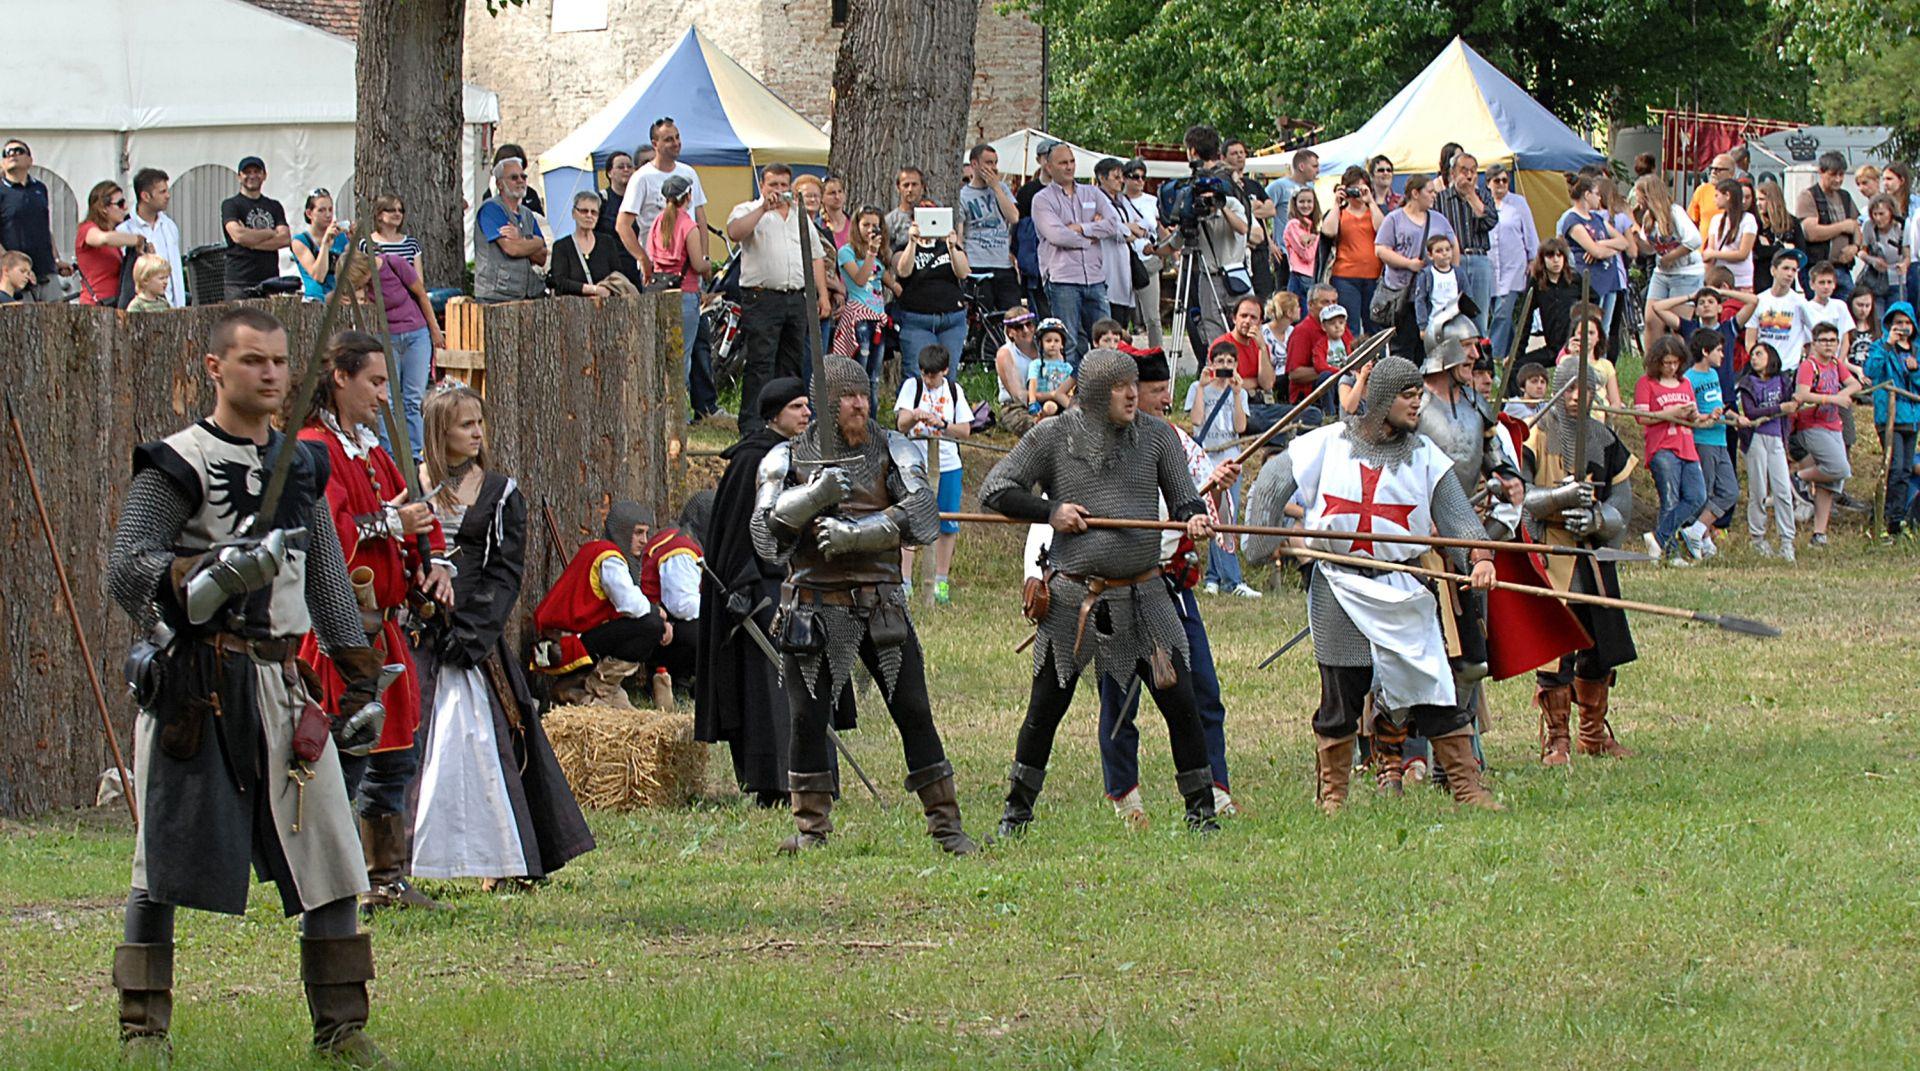 """Dvodnevni """"Bojevi za Sisak"""" s uprizorenjem povijesne bitke od 1593. godine"""